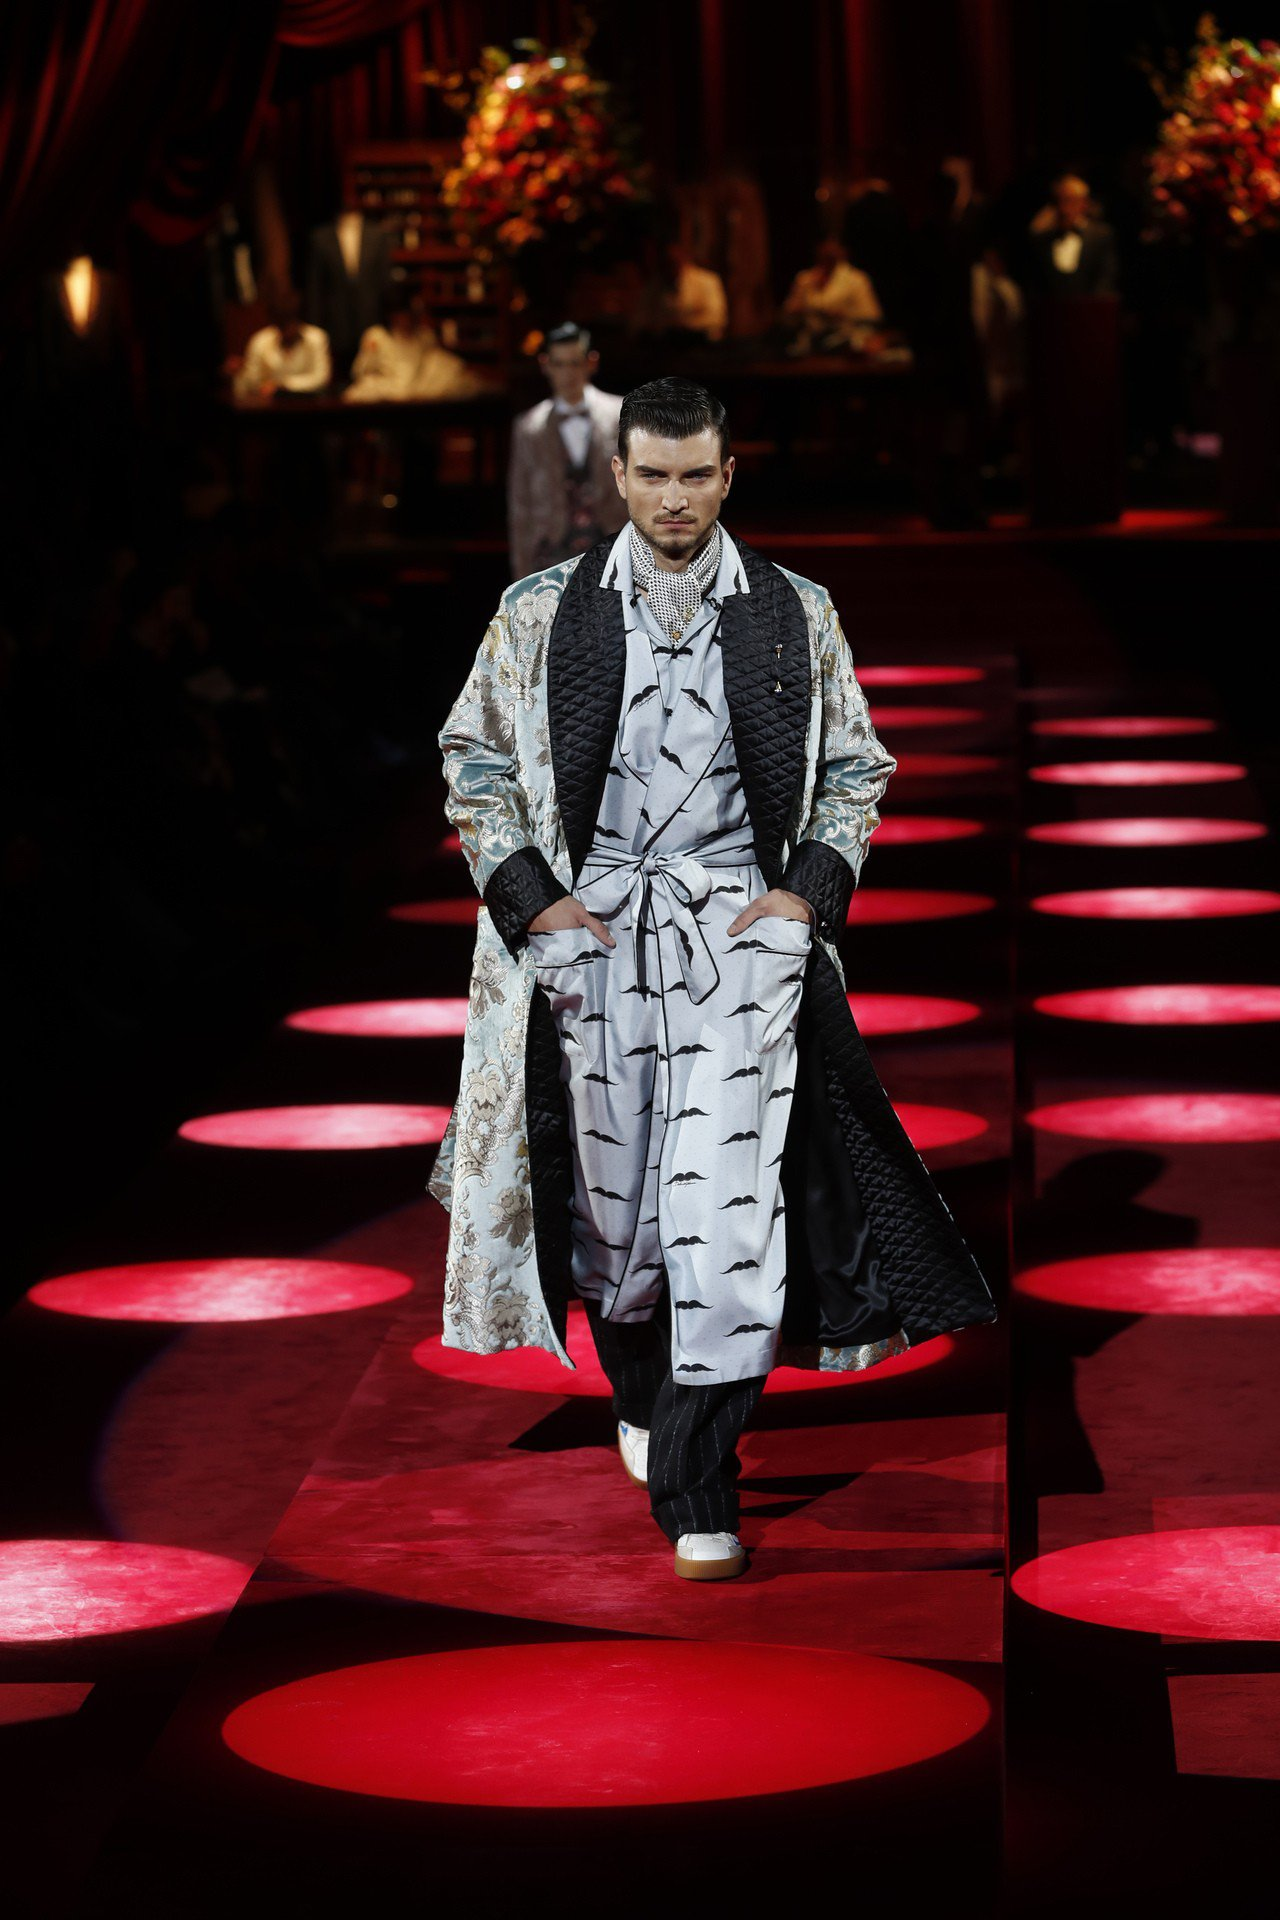 說到奢華男裝,少有人能像Dolce & Gabbana這樣的浮誇,以繁複刺繡和絲...